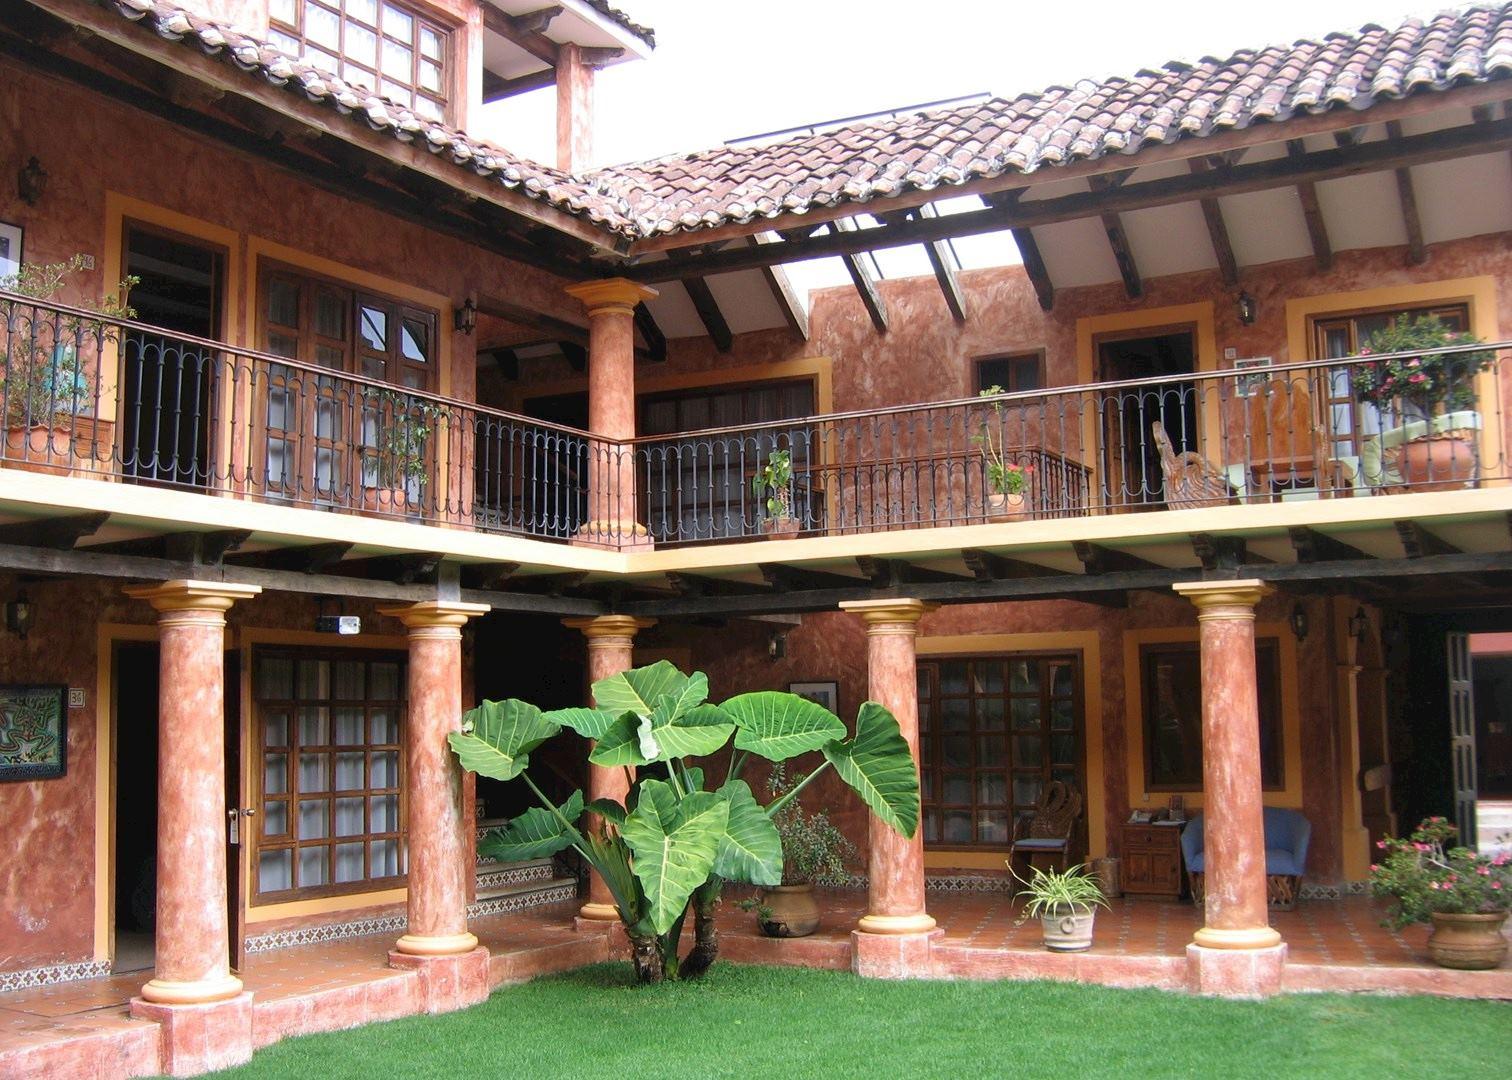 Casas mexicanas fachadas de casas rusticas imagenes dos Casas rusticas mexicanas